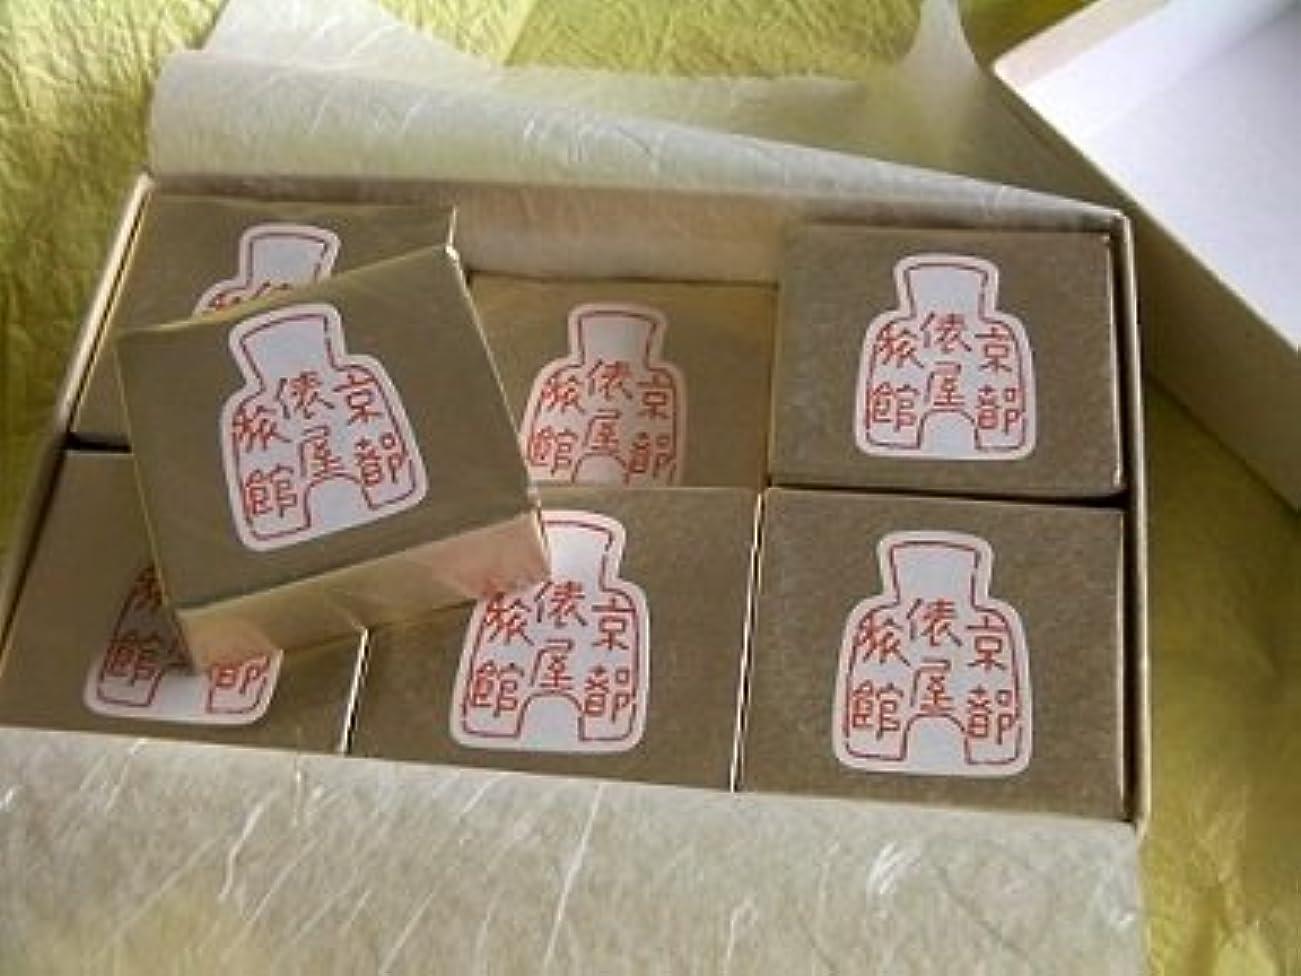 お茶サイバースペース不十分俵屋旅館 俵屋の石鹸 12個入り 【ギフト包装&紙袋付き】 製造元:松山油脂 通販